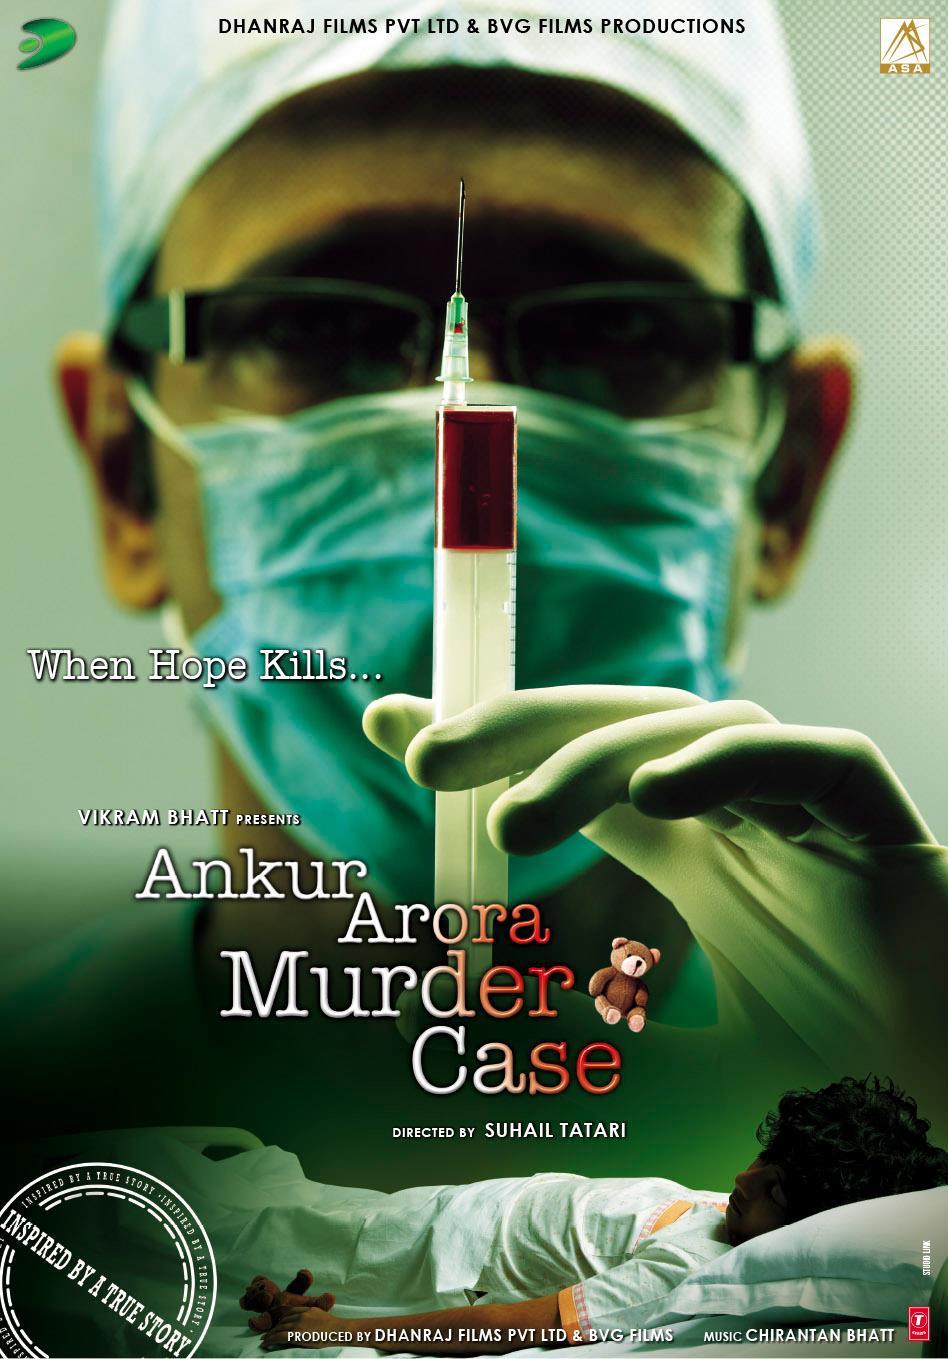 Ankur Arora Murder Case - Movie Poster #2 (Original)